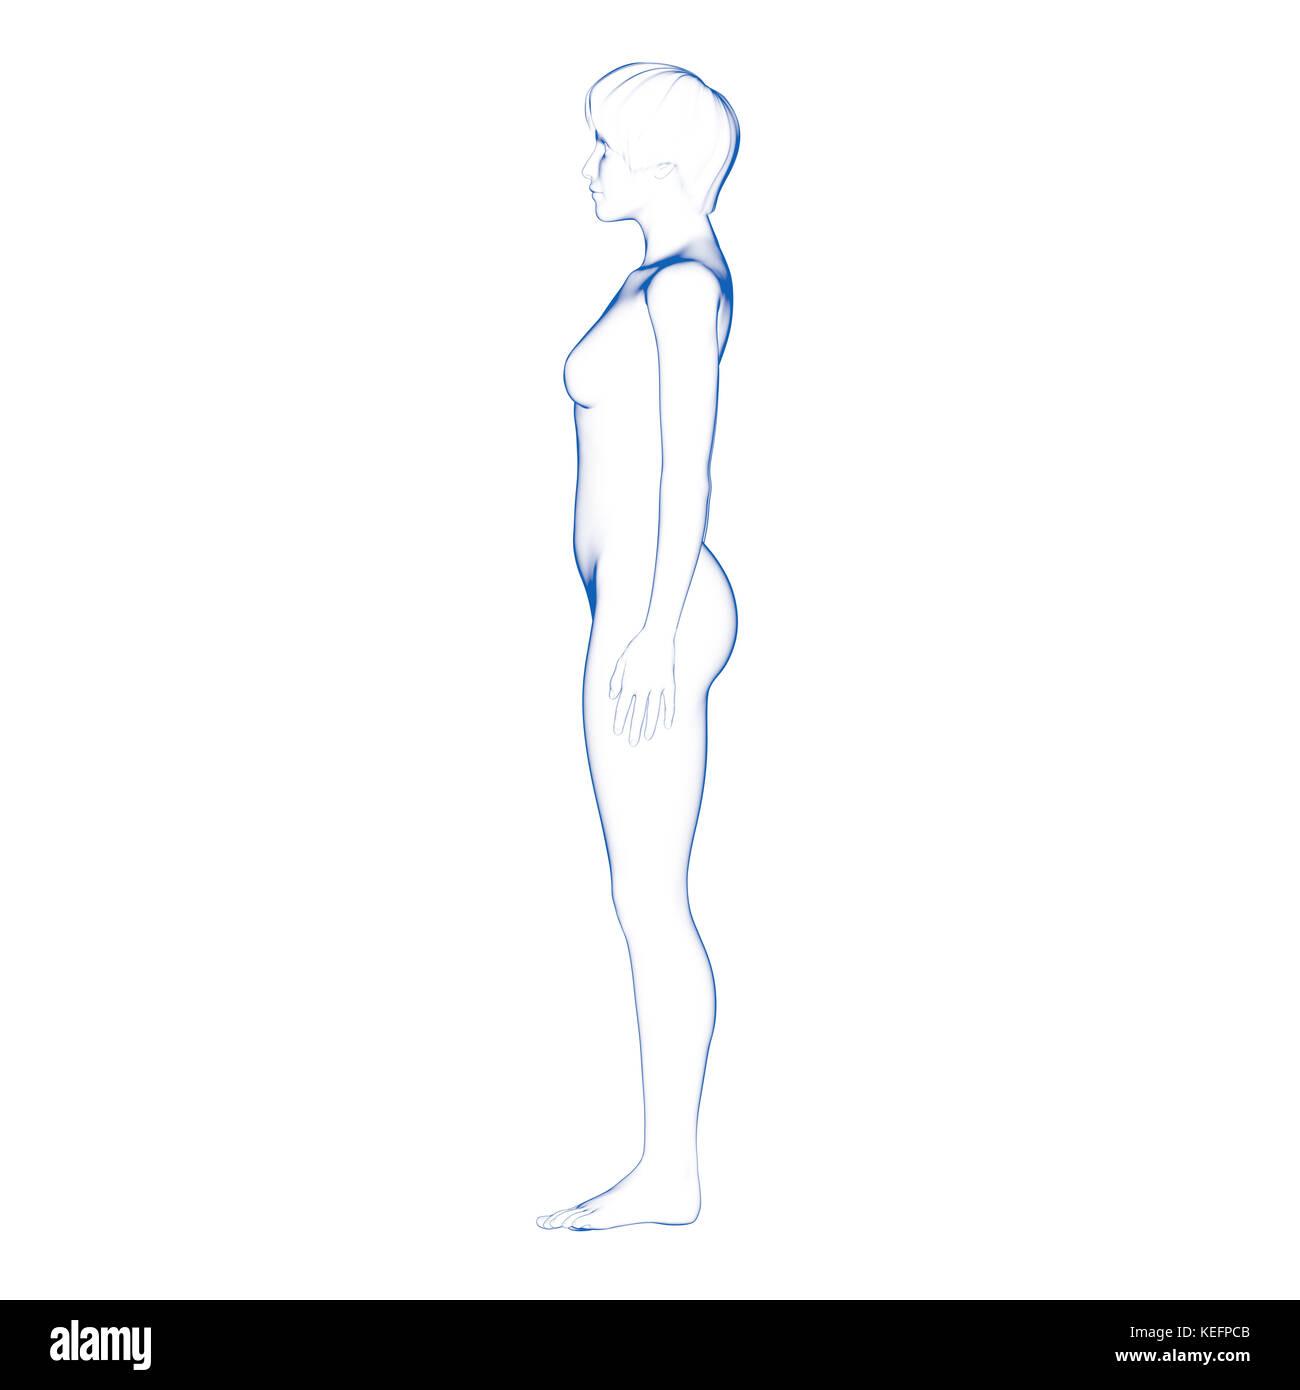 Atemberaubend Menschlichen Weiblichen Körpers Bilder Bilder ...